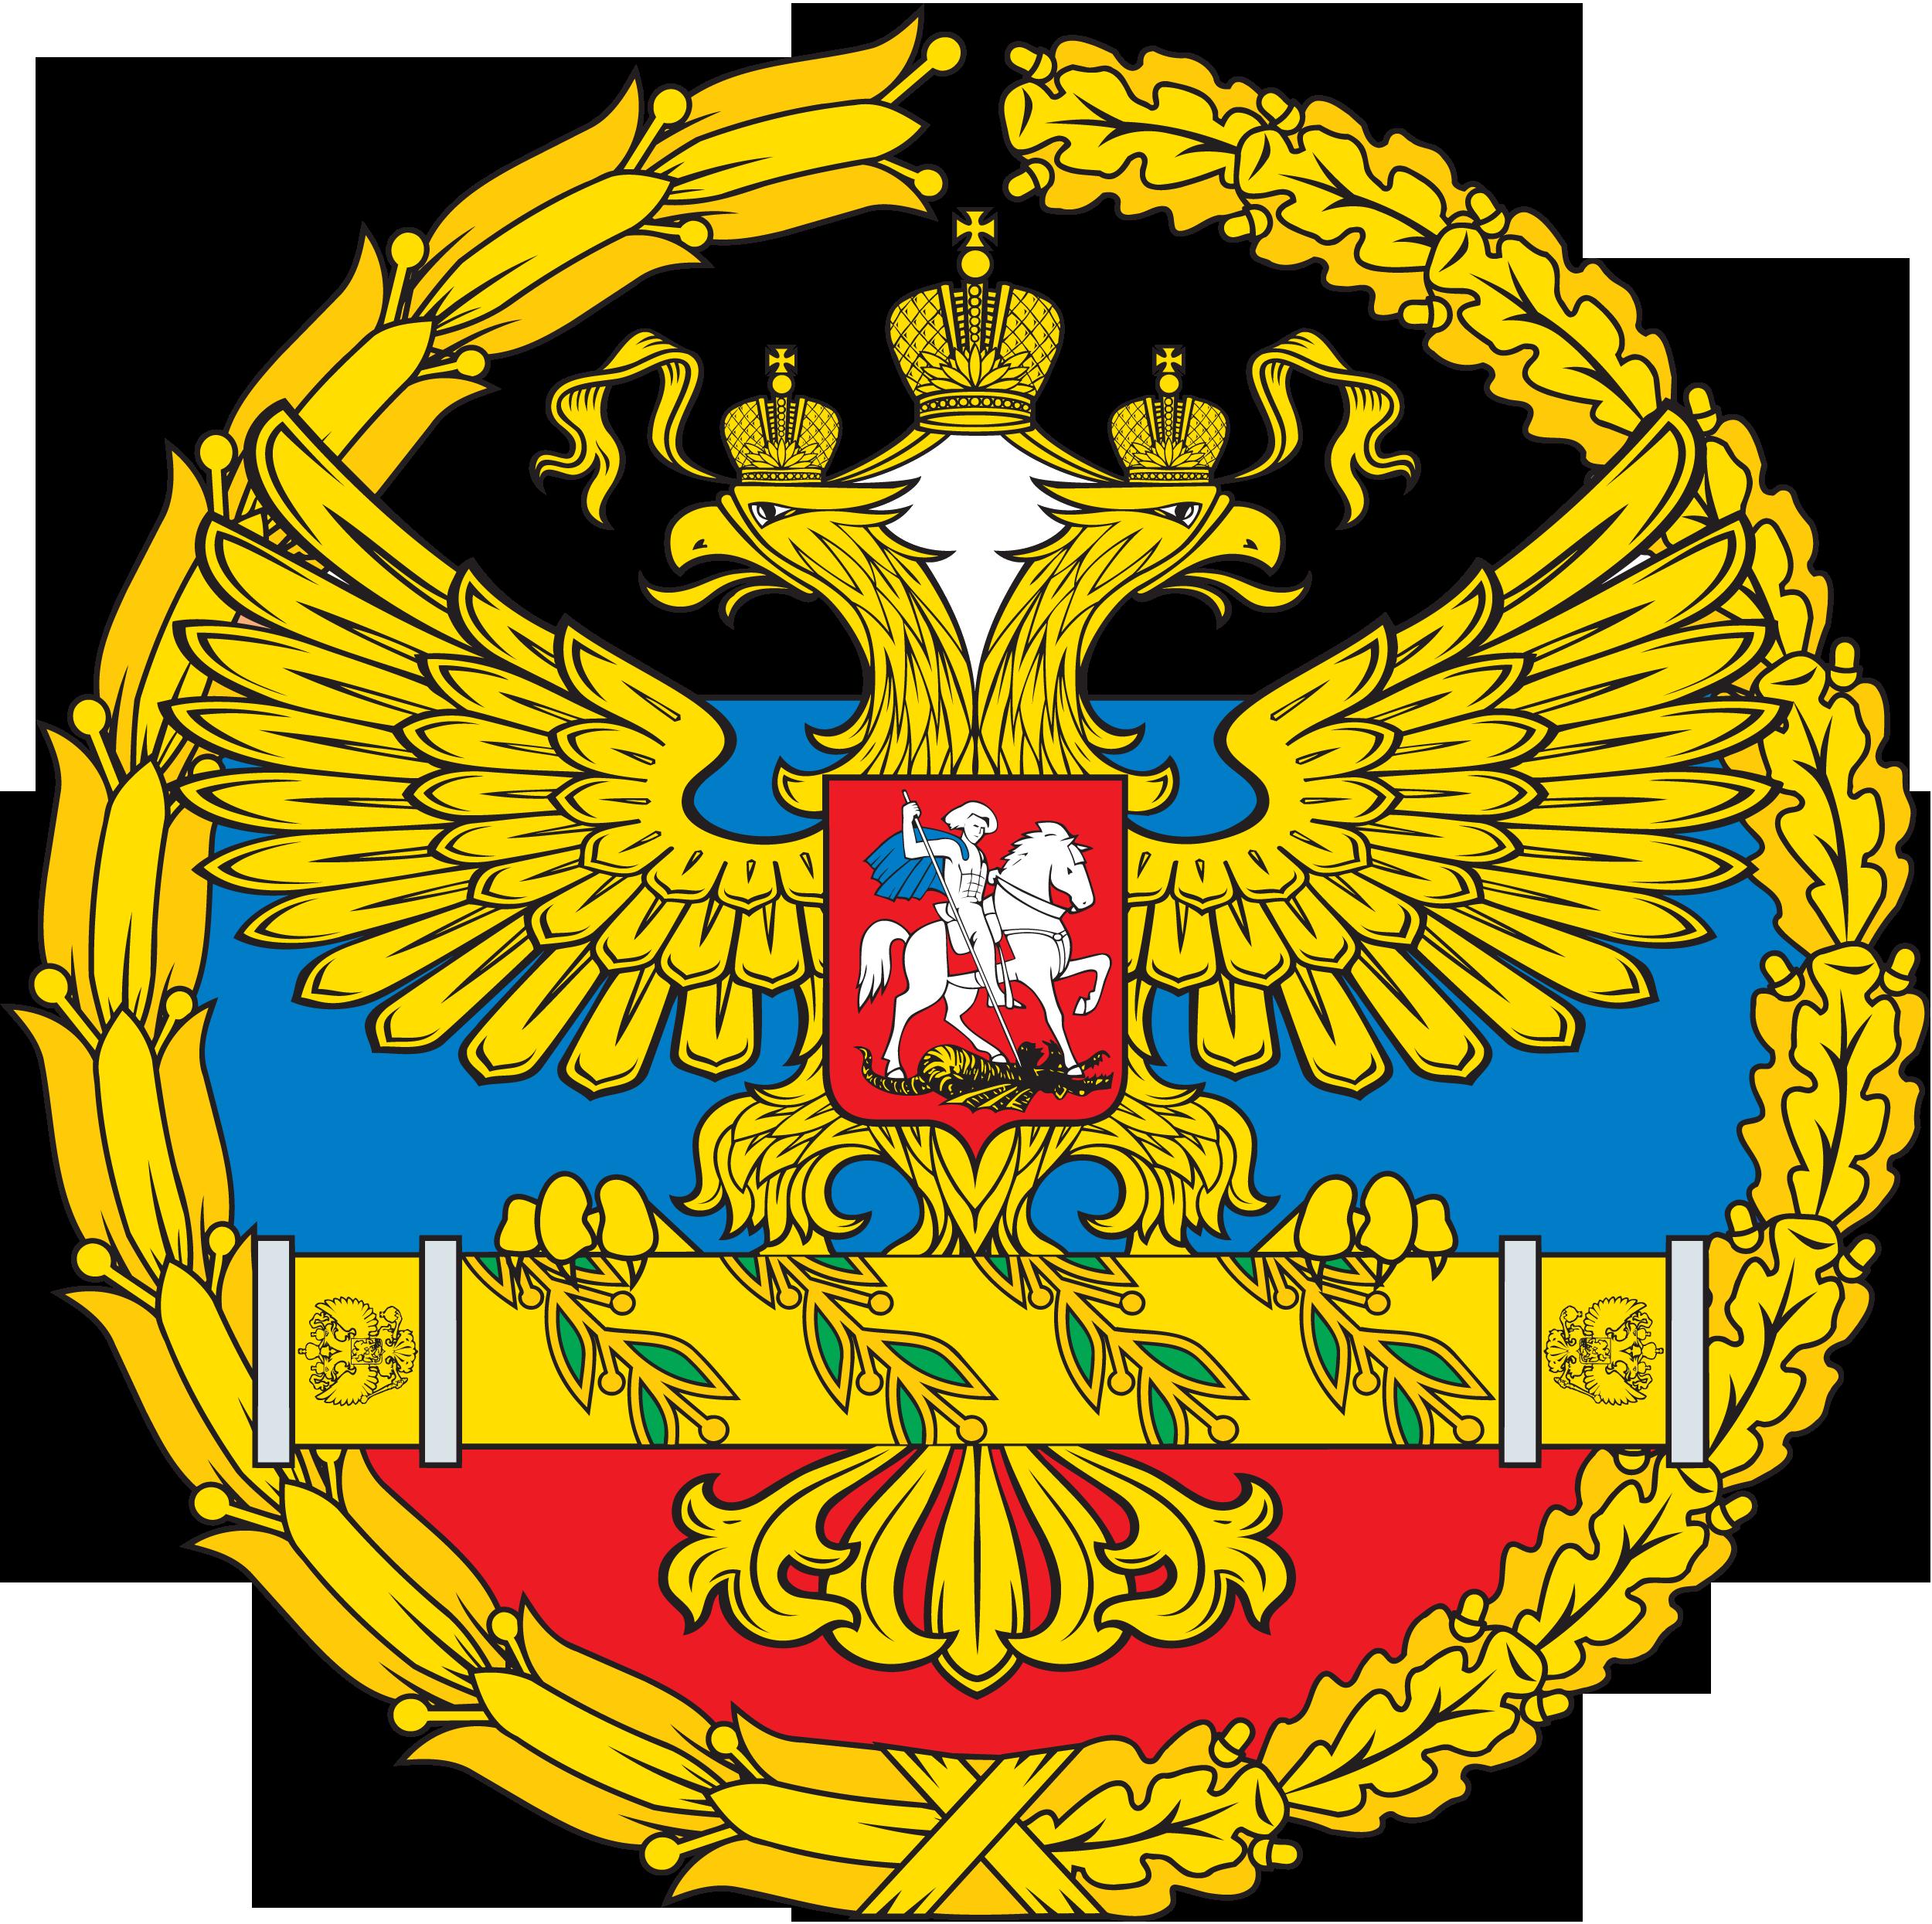 Эмблема Верховного Главнокомандующего Вооружёнными Силами Российской Федерации